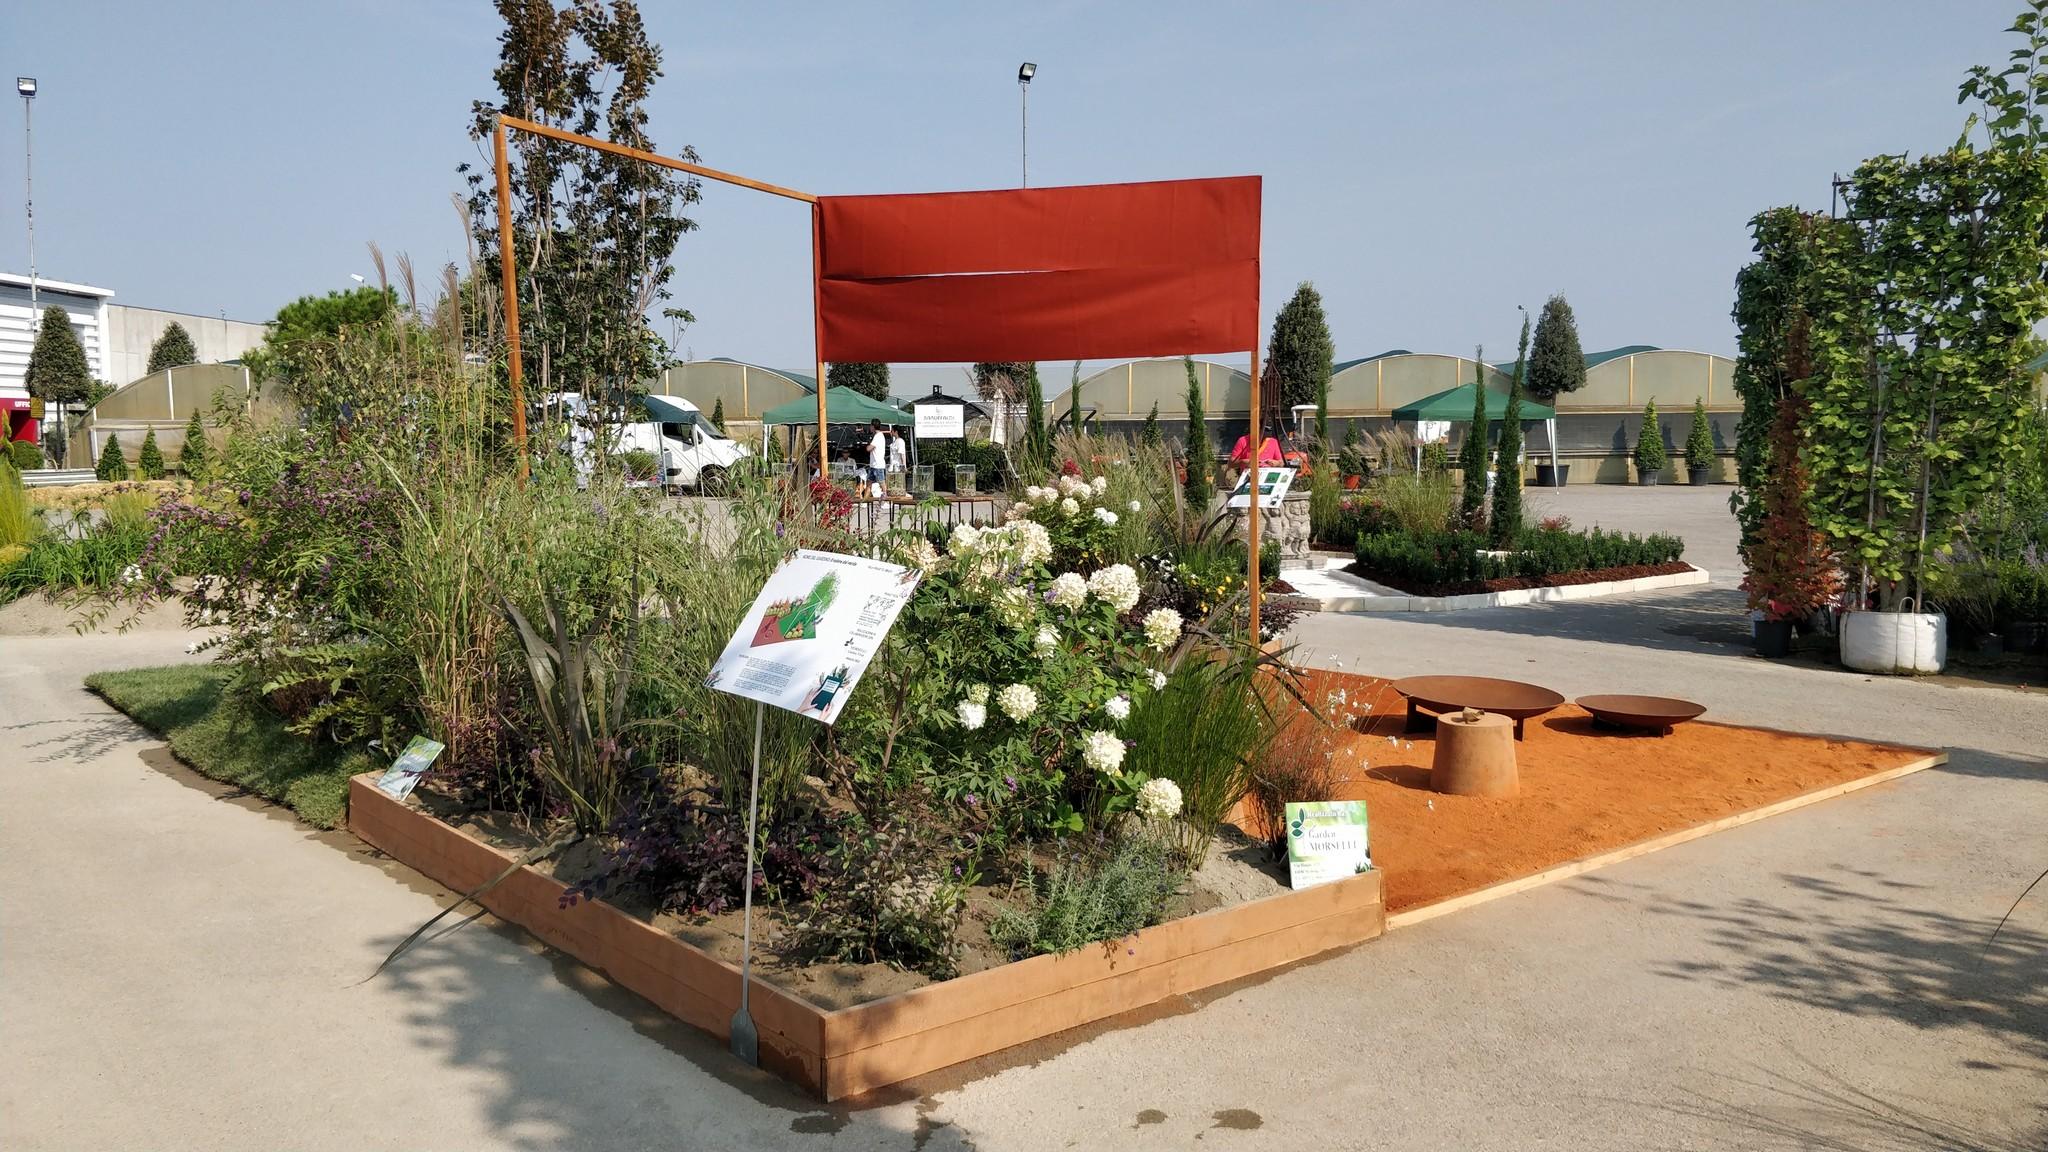 Concorso giardini Verdeggiando_62 Il valore del verde (BP277) Barbara Ponti